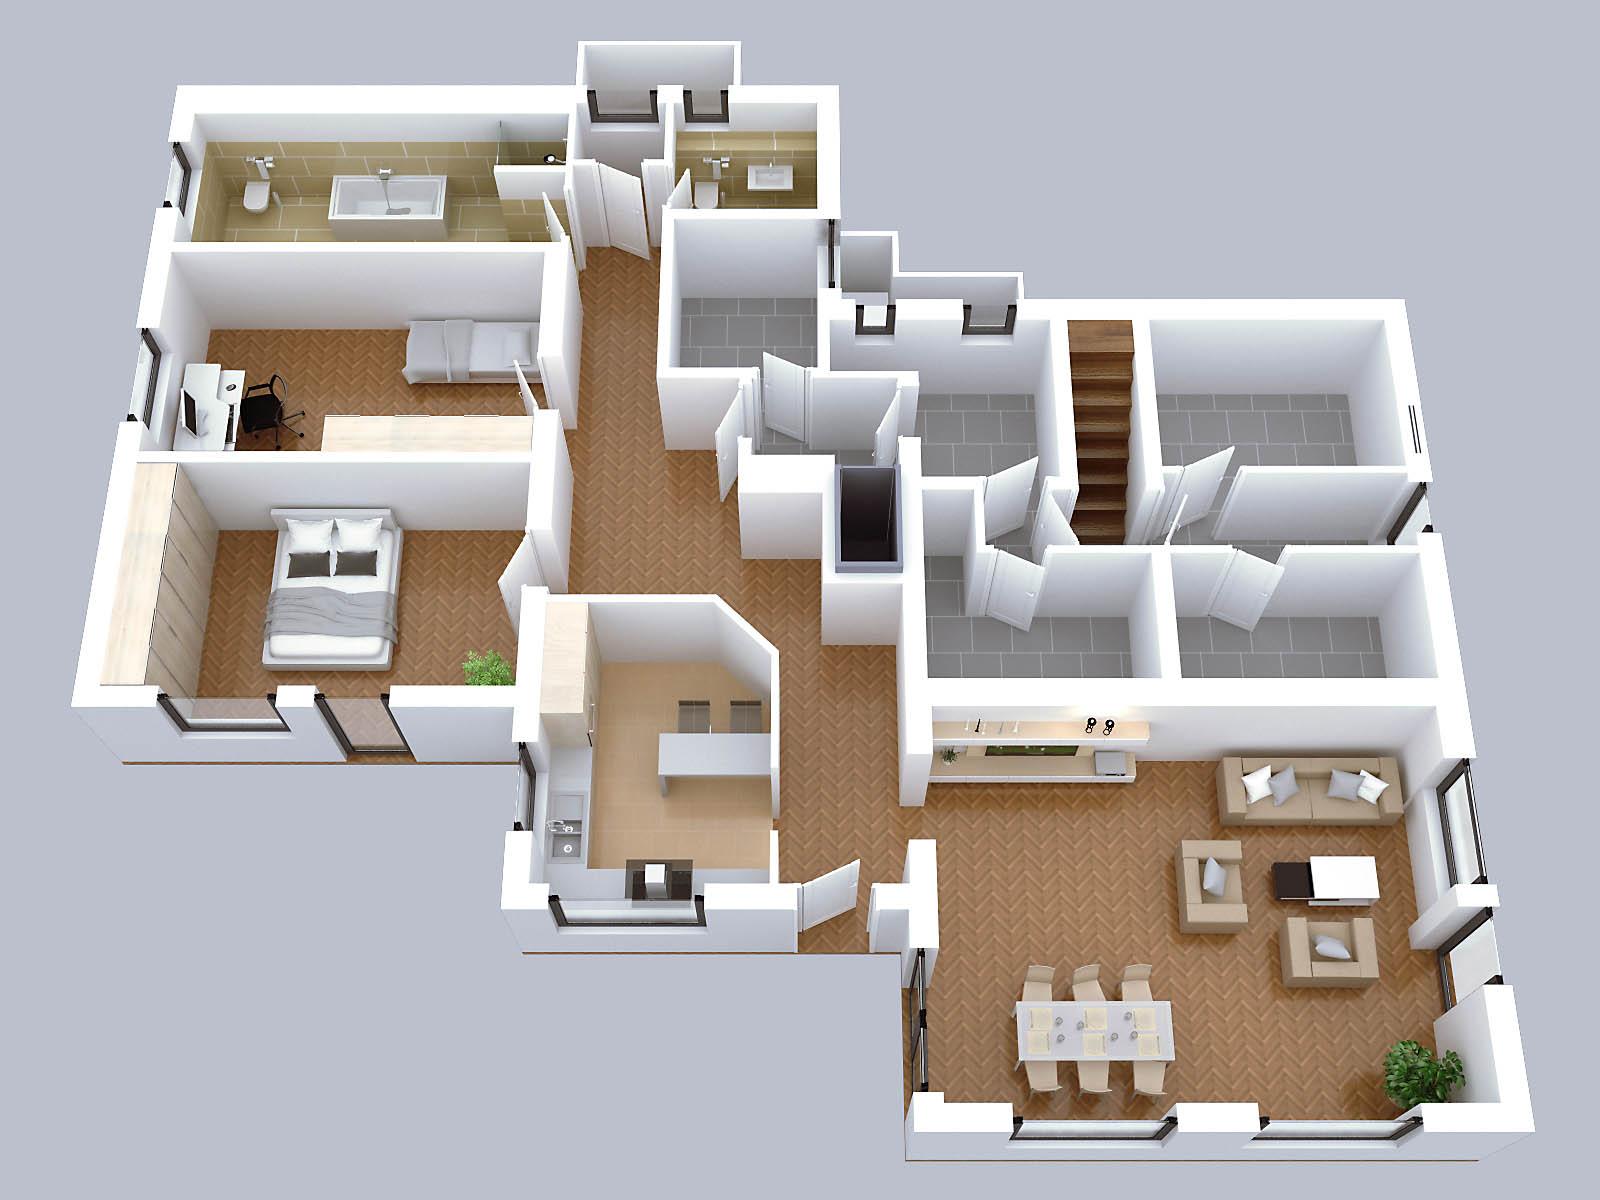 Einfamilienhaus grundriss 3d  Zeichenservice24 | 3D-Grundrisse